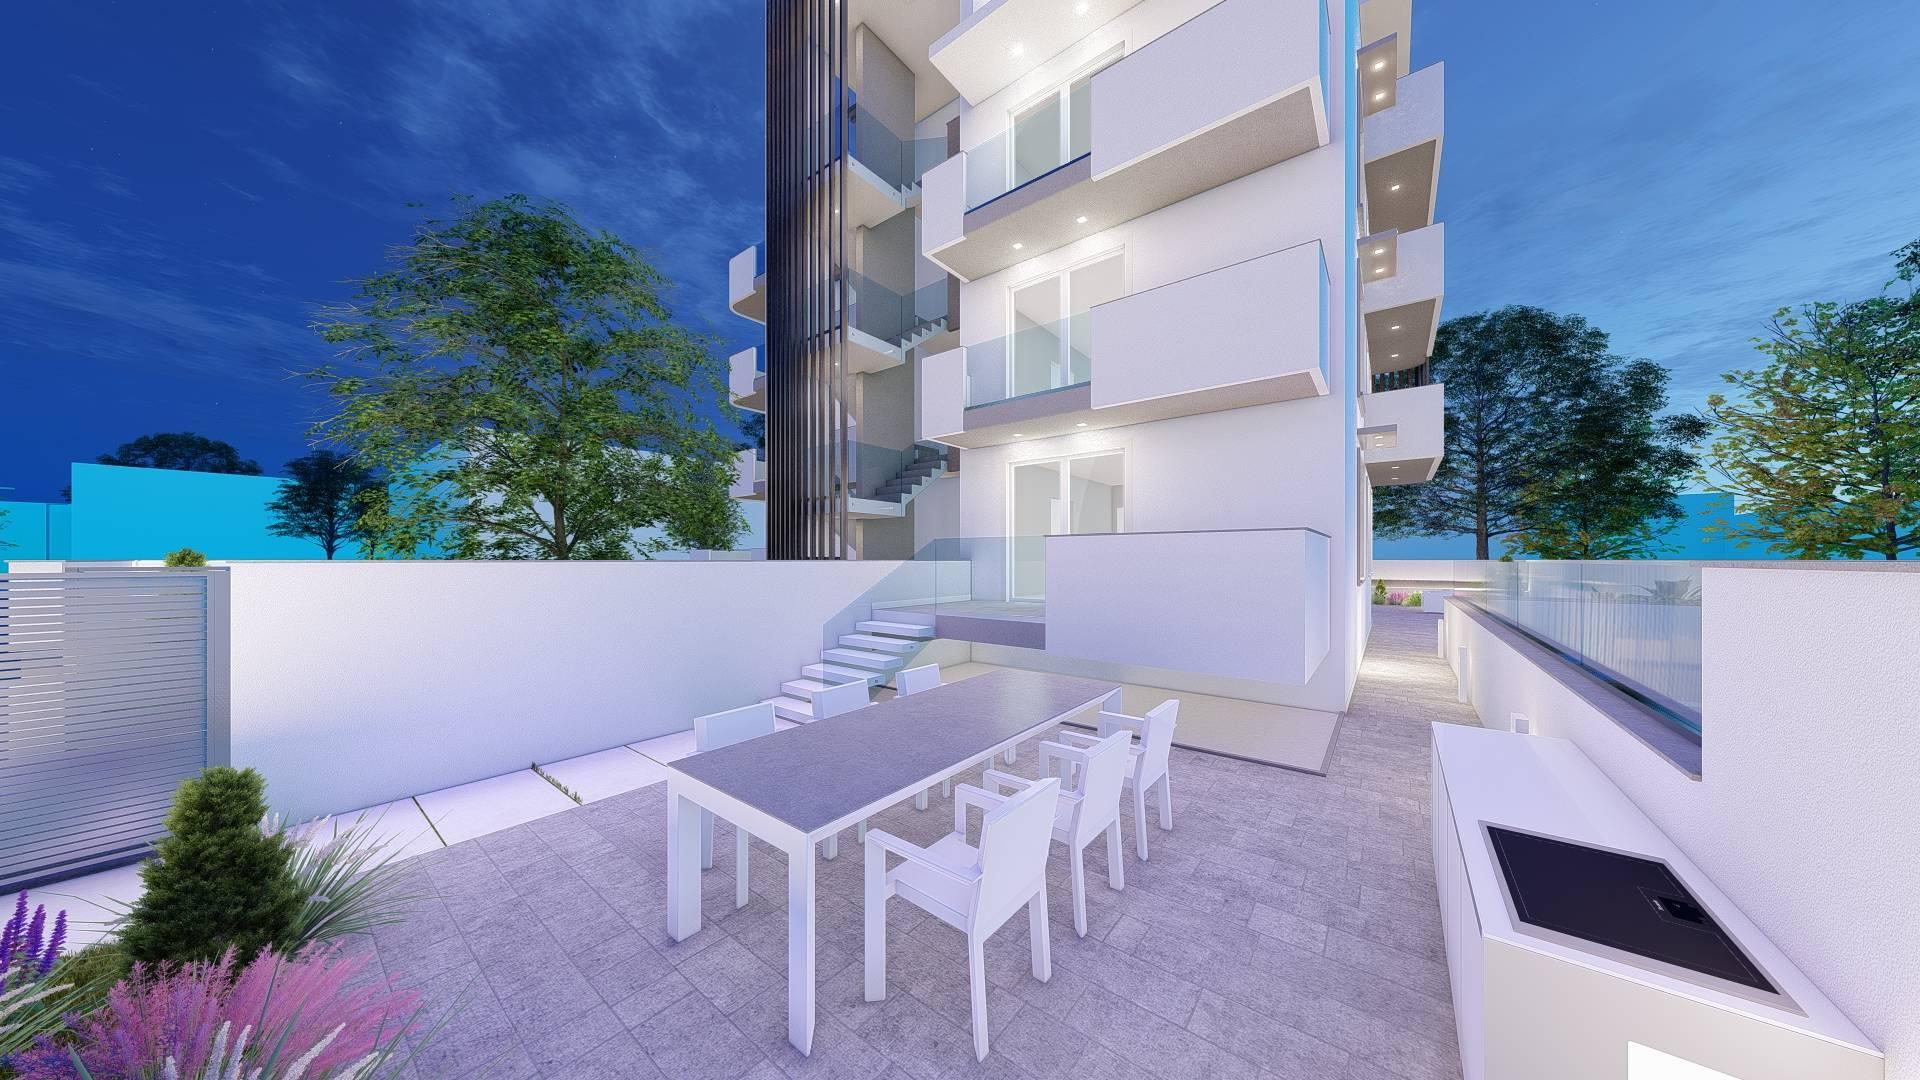 Appartamento in vendita a Nola, 4 locali, prezzo € 230.000 | PortaleAgenzieImmobiliari.it